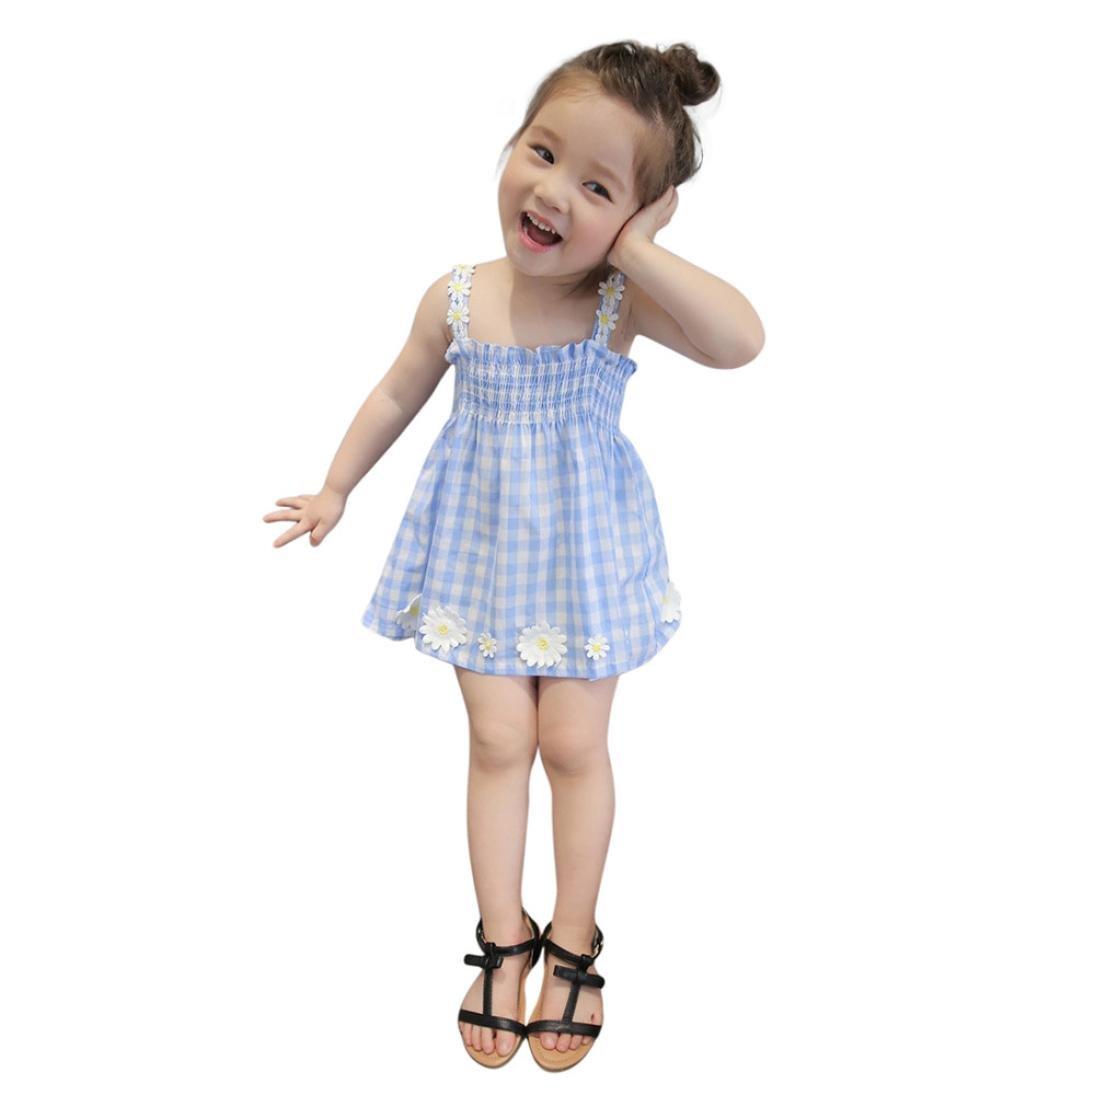 c7b3c37c0c68 Amazon.com  Toraway Baby Dresses Kids Girls Summer Dress Sleeveless ...